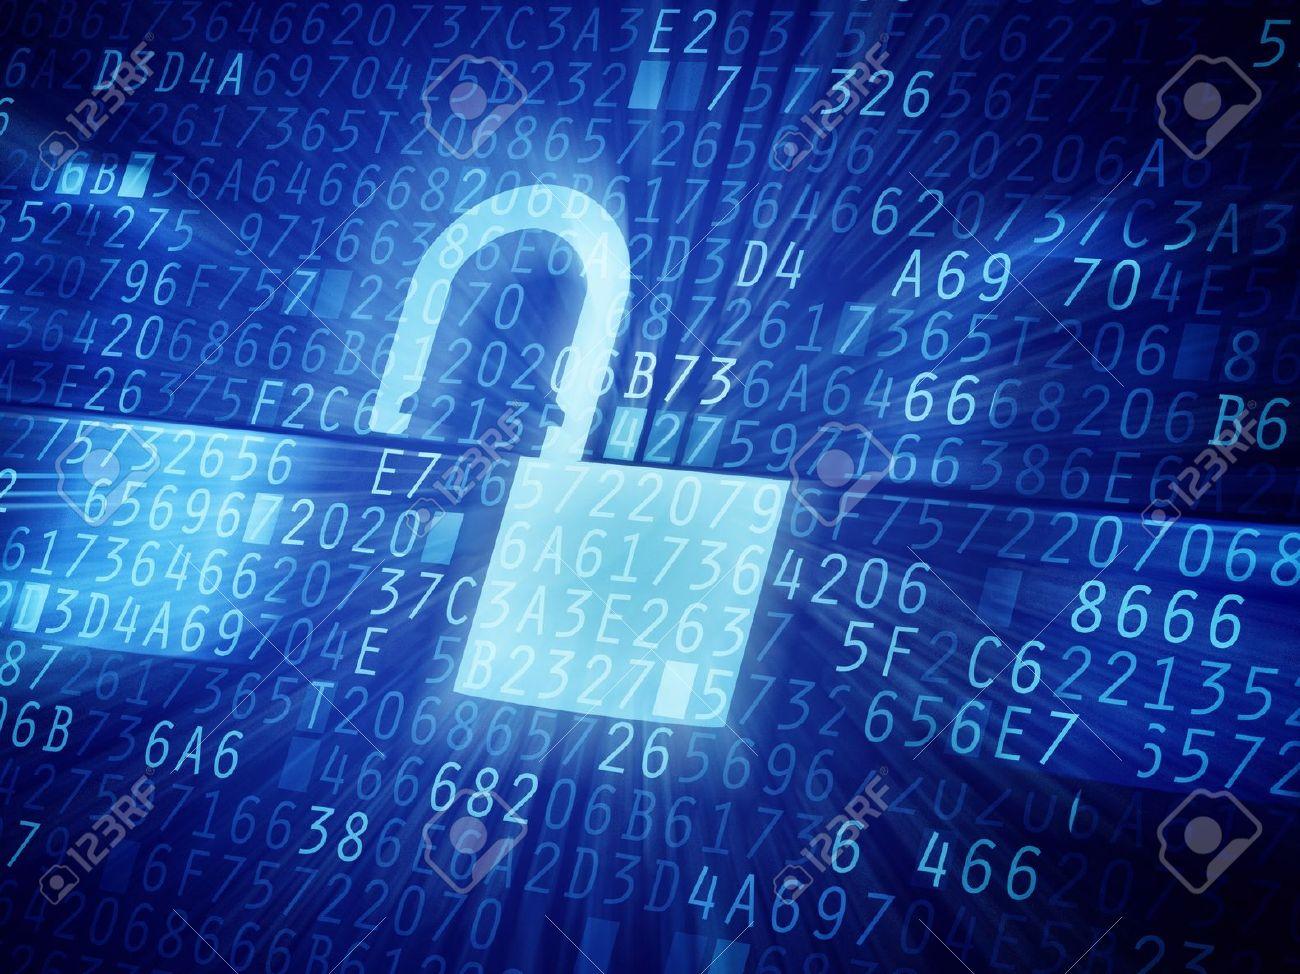 22102727-Cracked-Sicherheitscode-abstraktes-Bild-Passwortschutz-konzeptionellen-Bild-Lizenzfrei.jpg